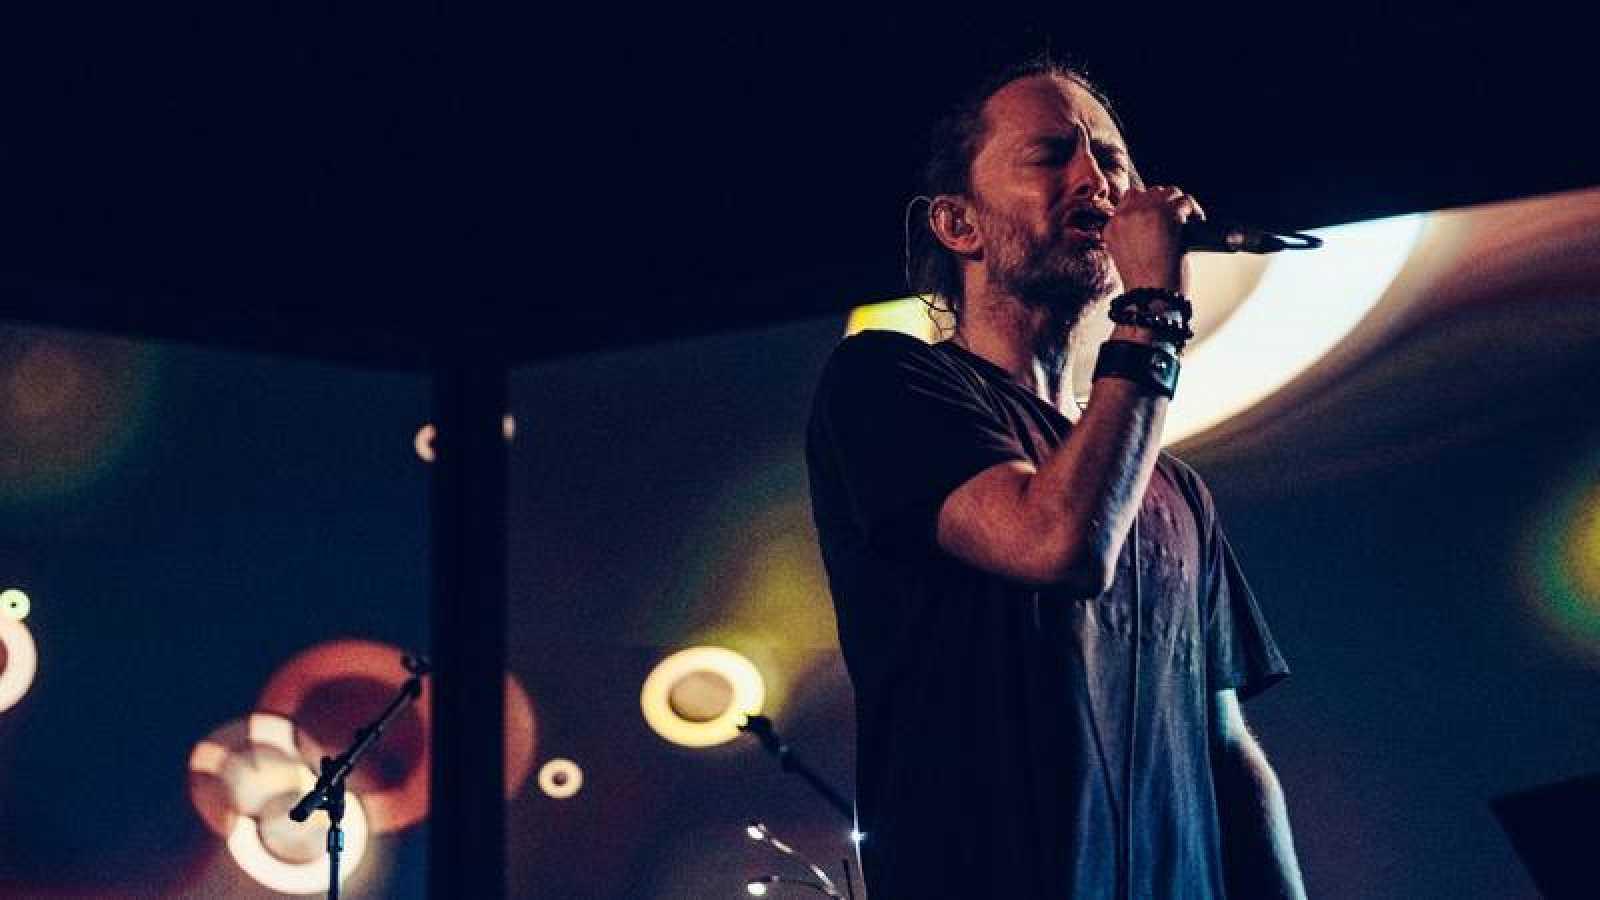 Thom Yorke repasará su trayectoria en un concierto especial la noche del 16 de junio